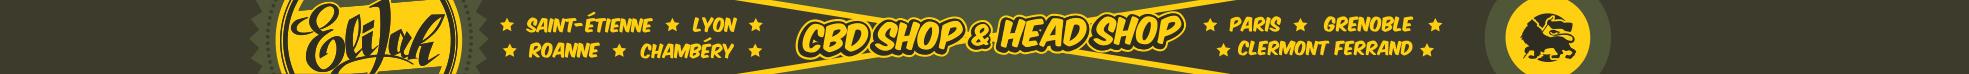 ReggaeShop HeadShop CBD Shop